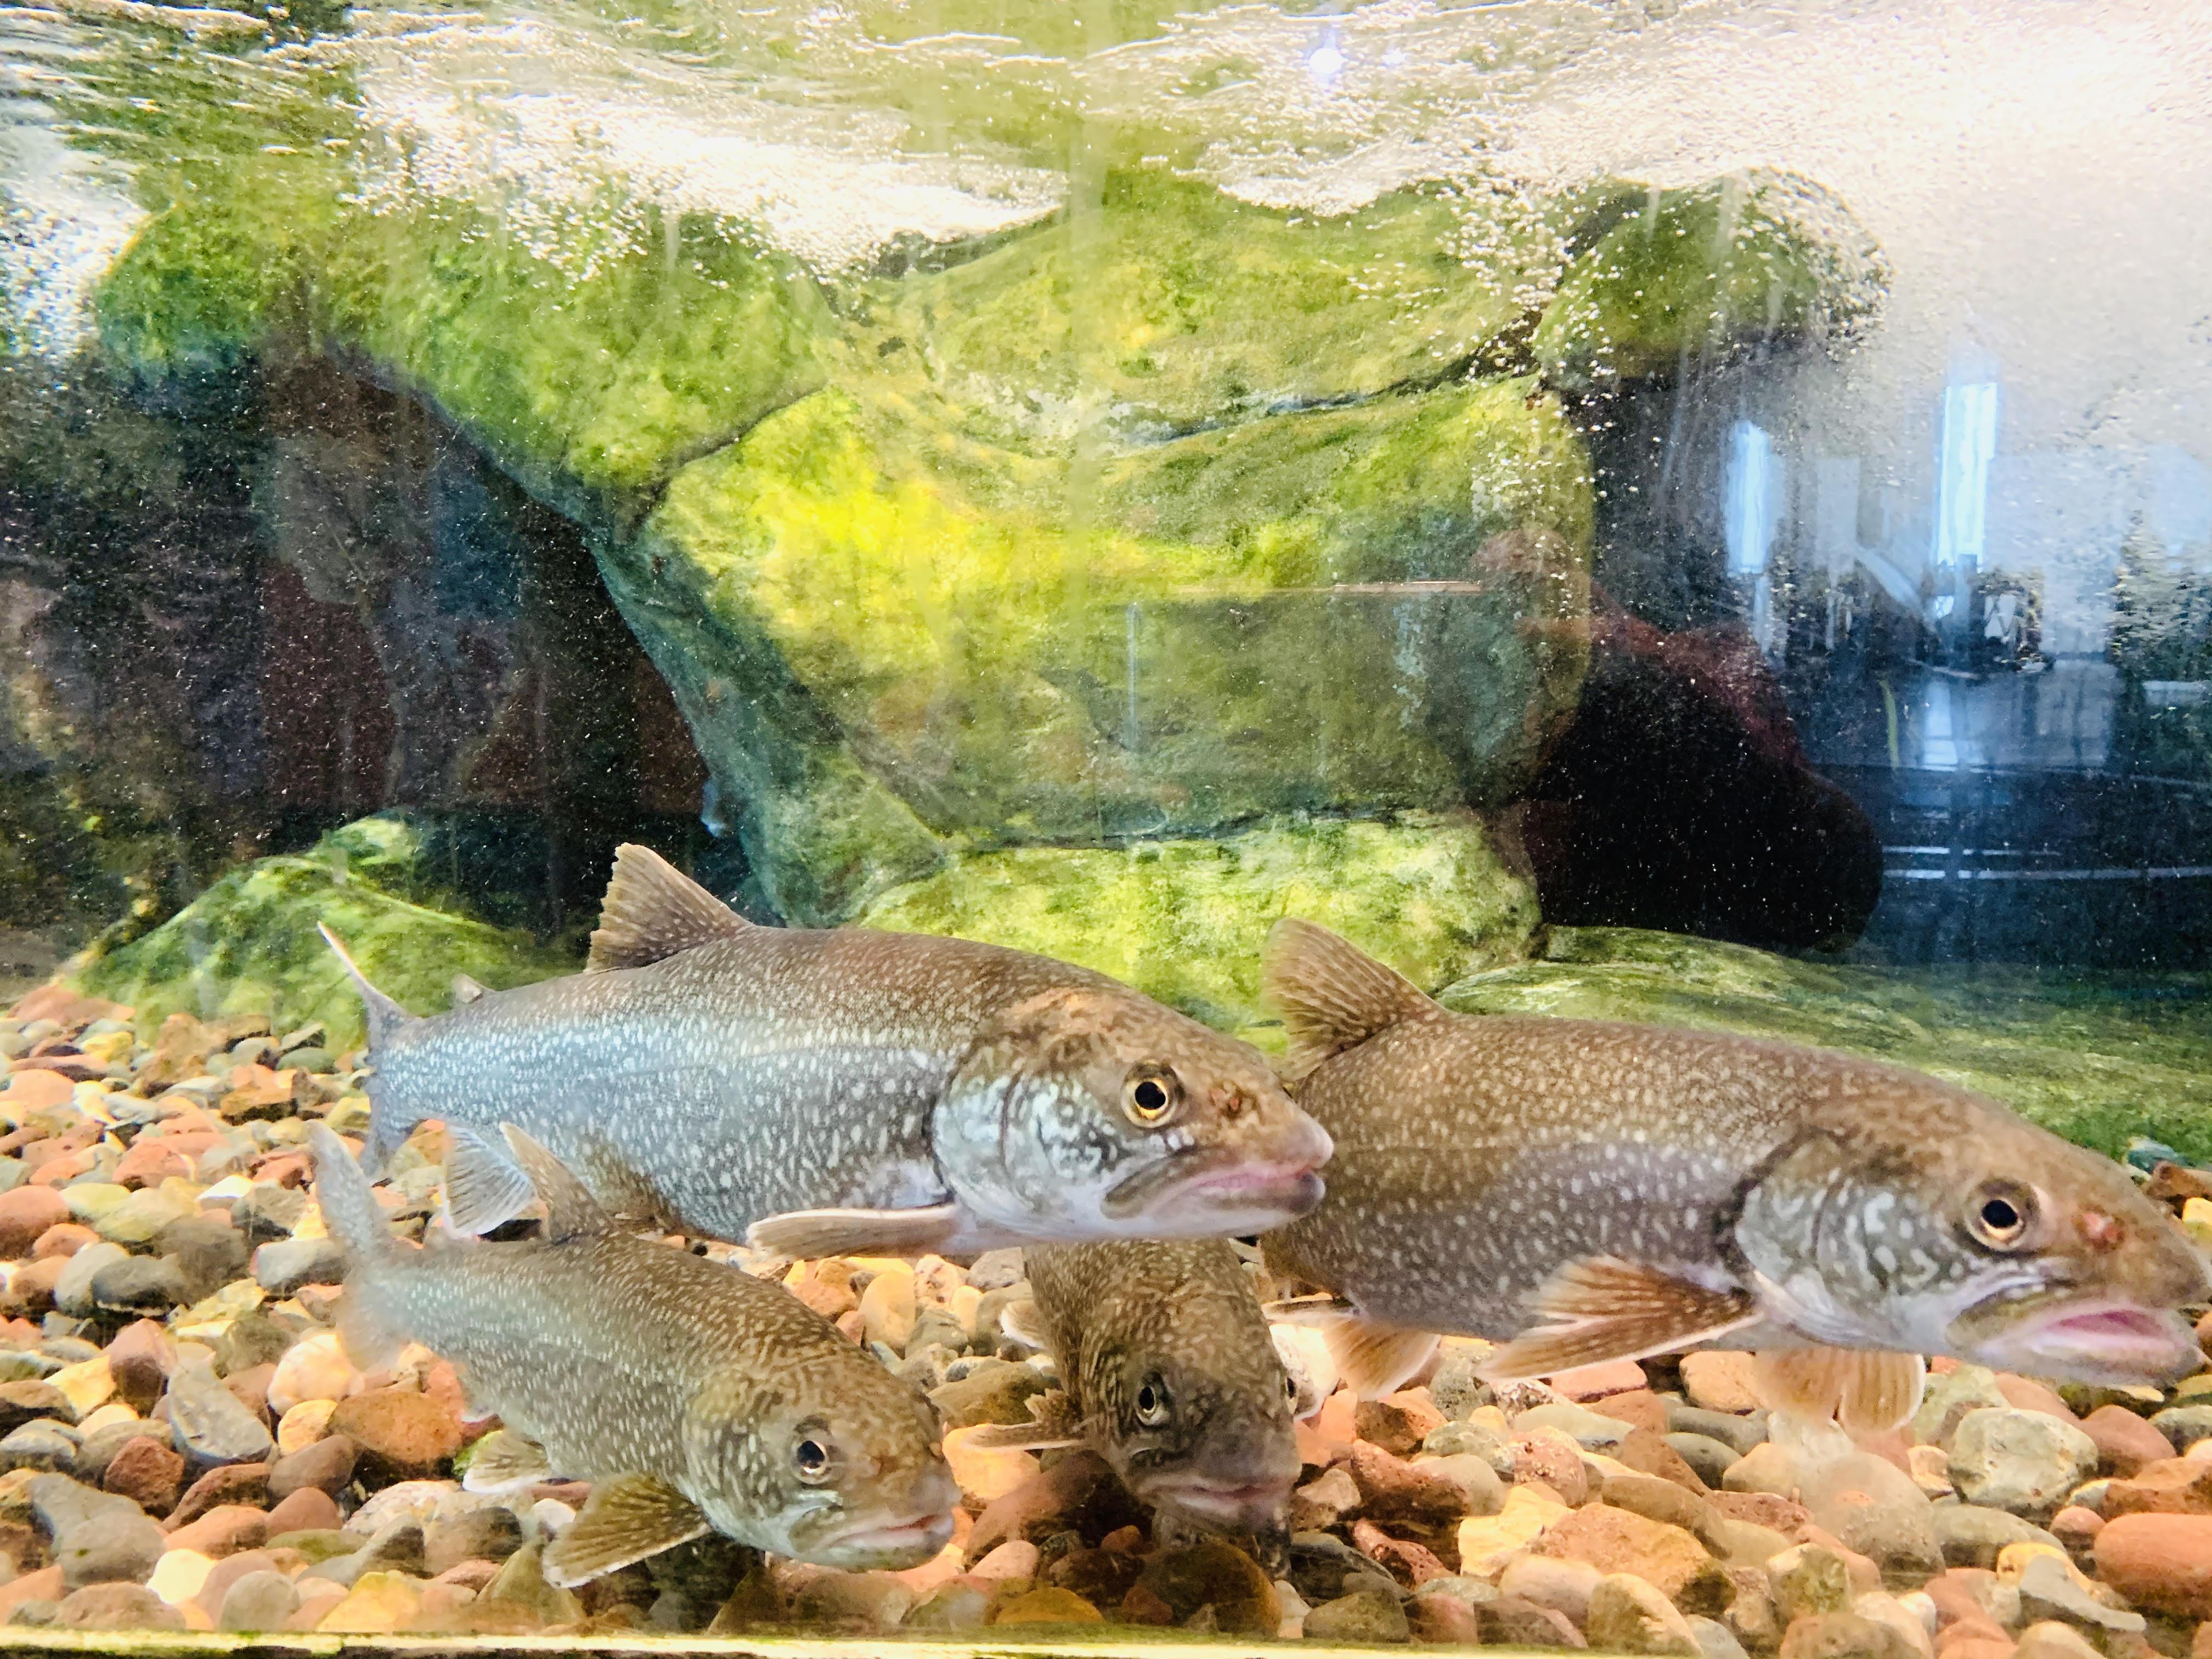 Greak Lakes Aquarium